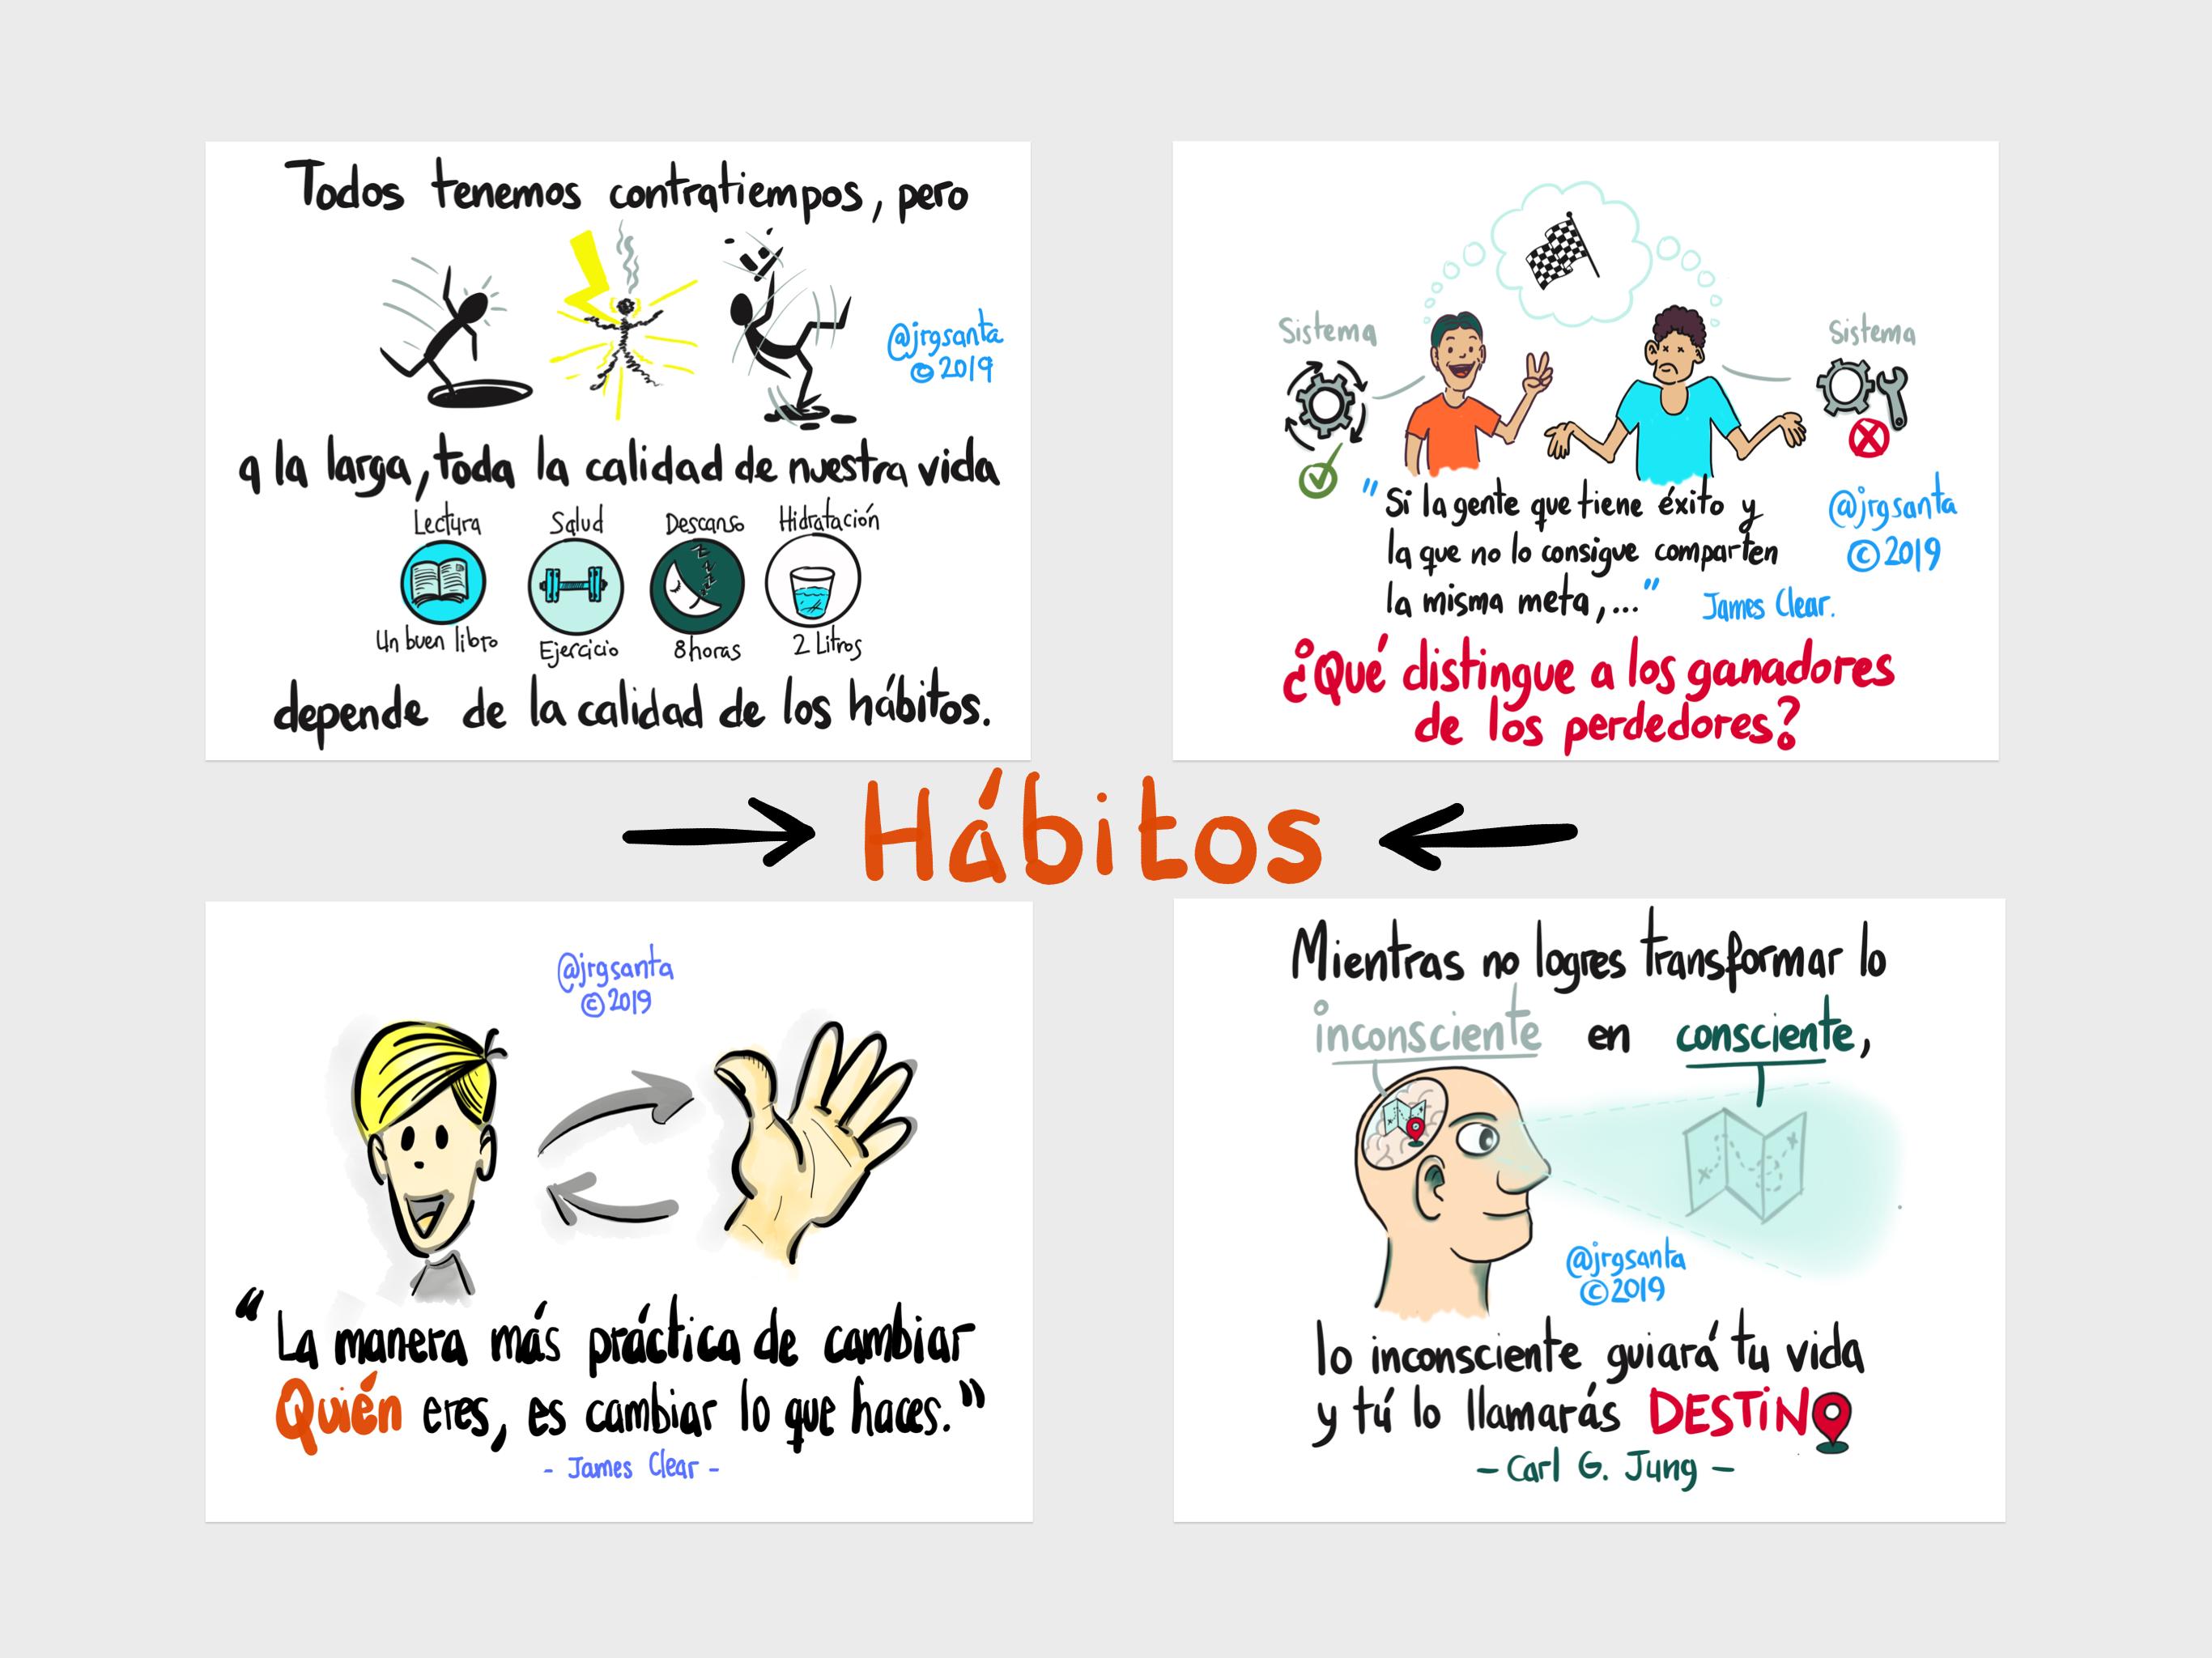 Resumen en VT de varios aspectos de los hábitos